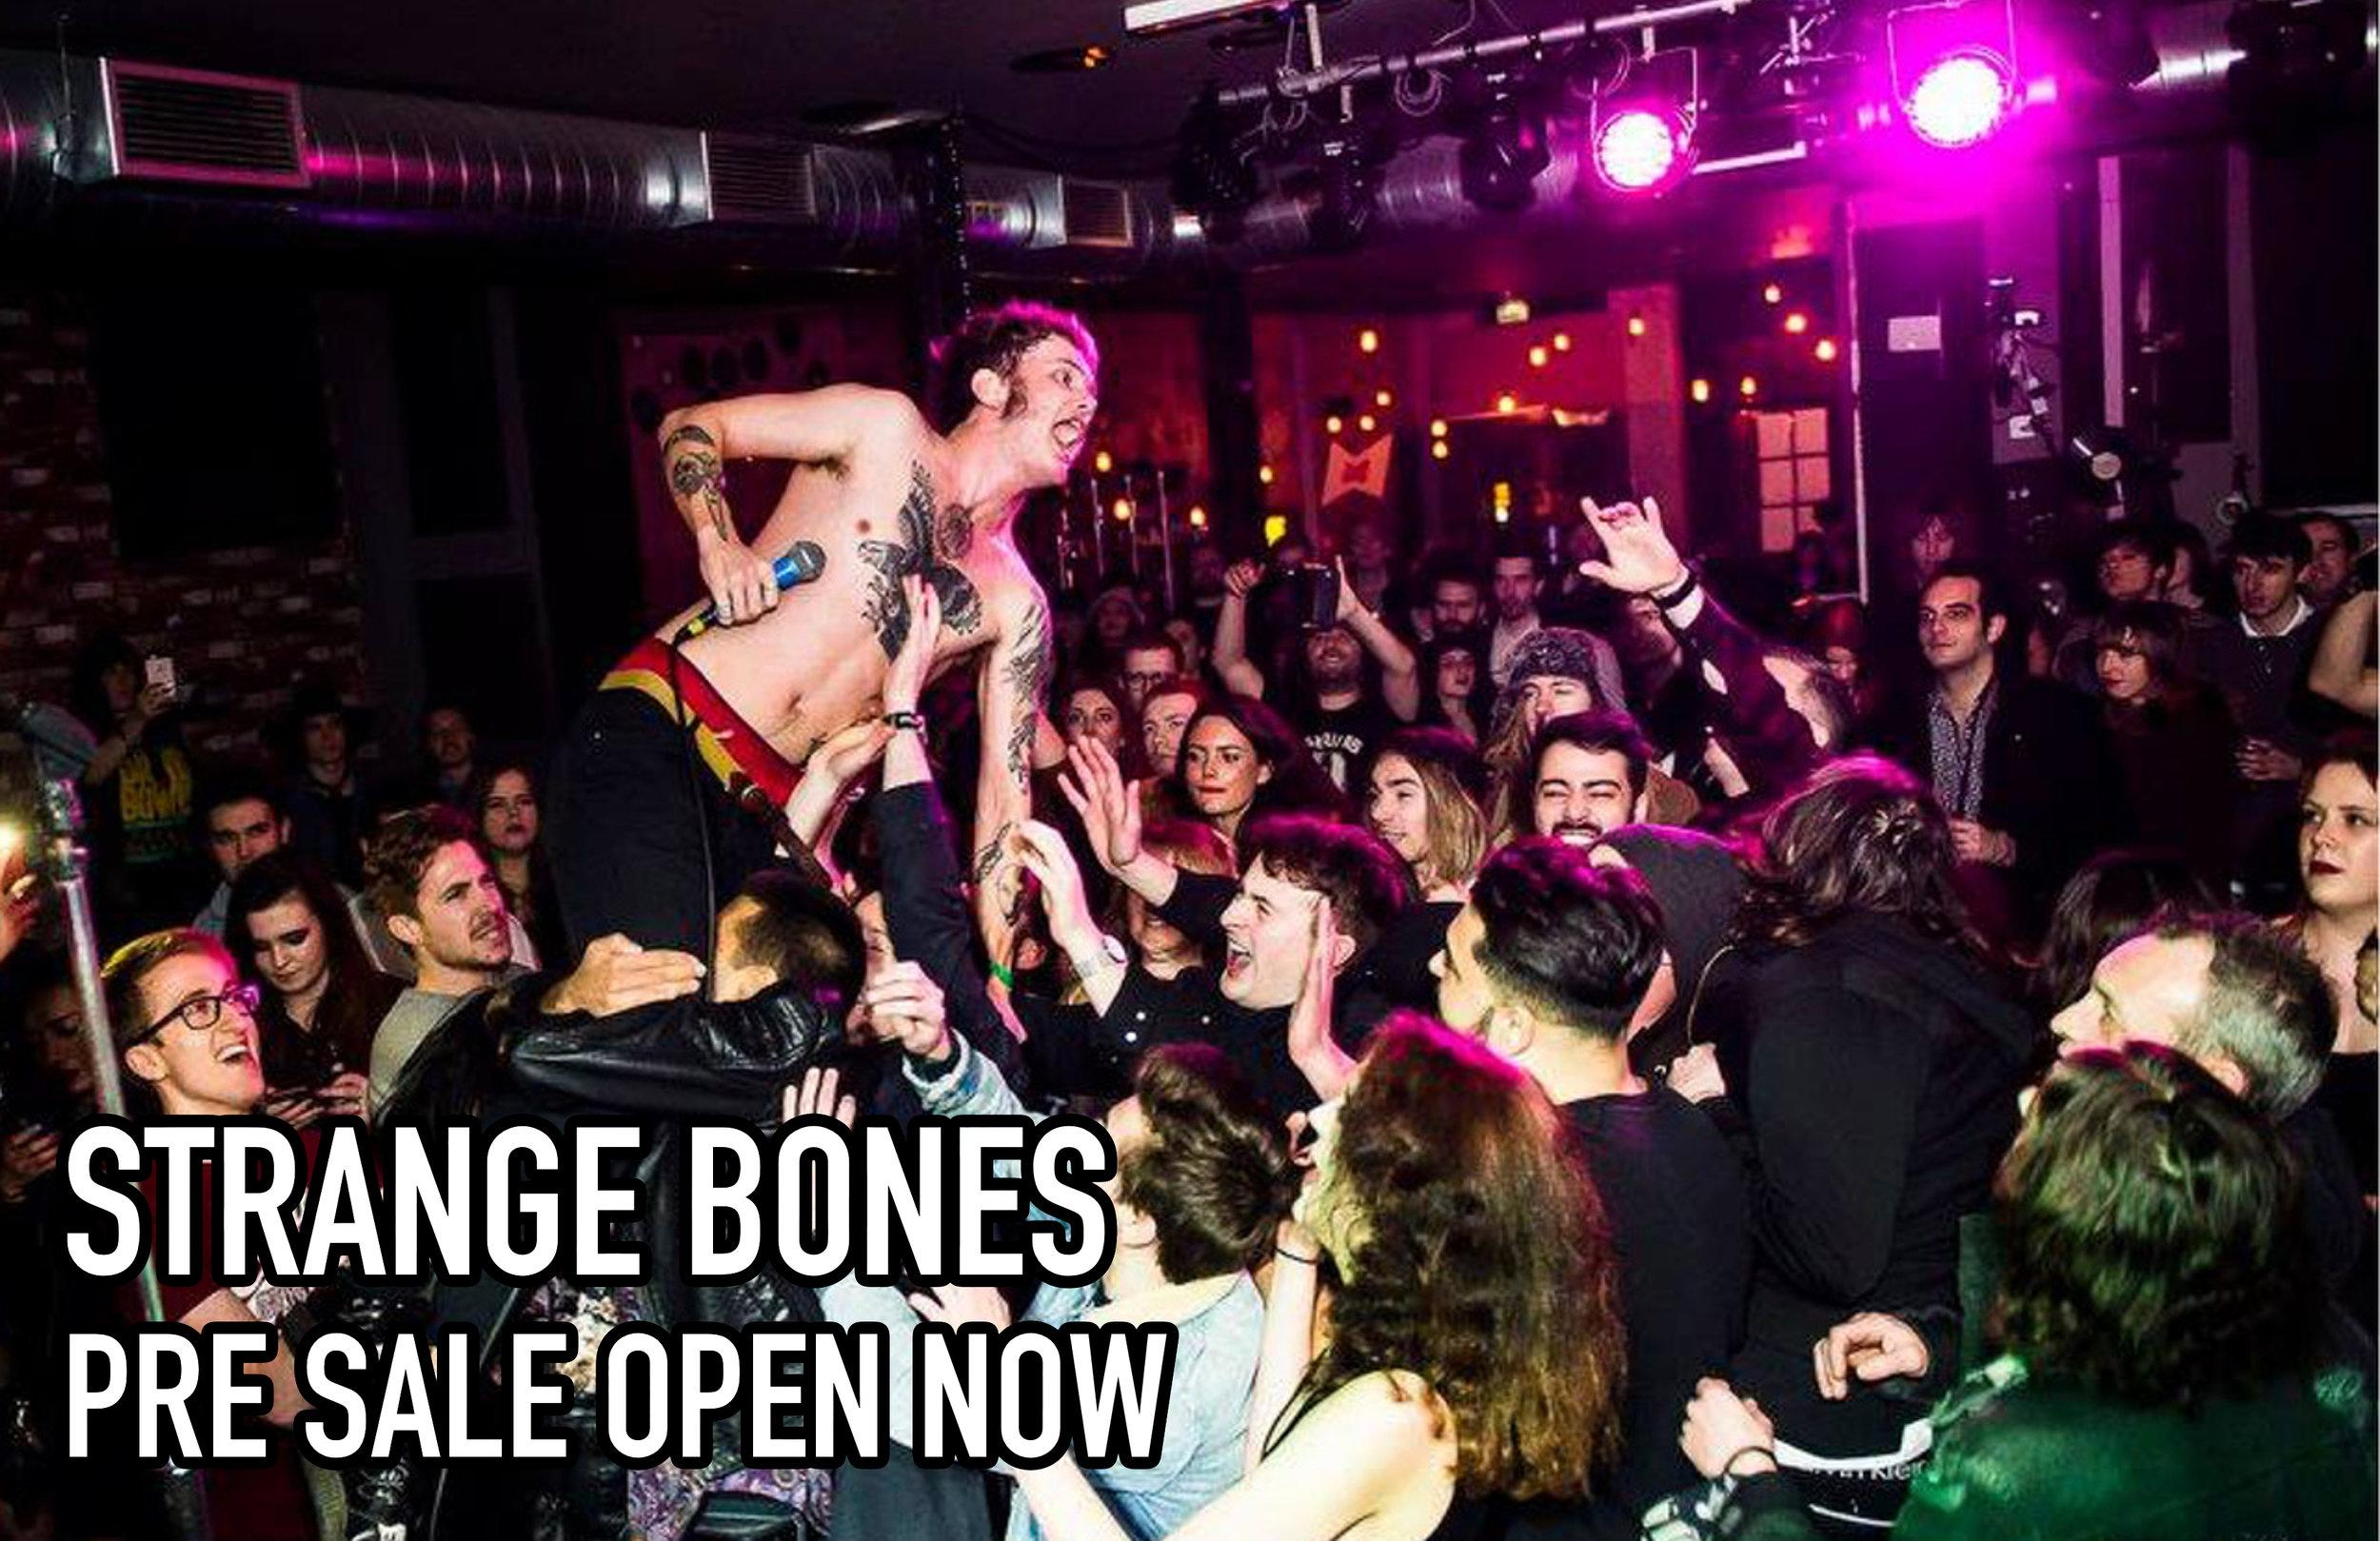 STRANGE BONES PRE SALE.jpg